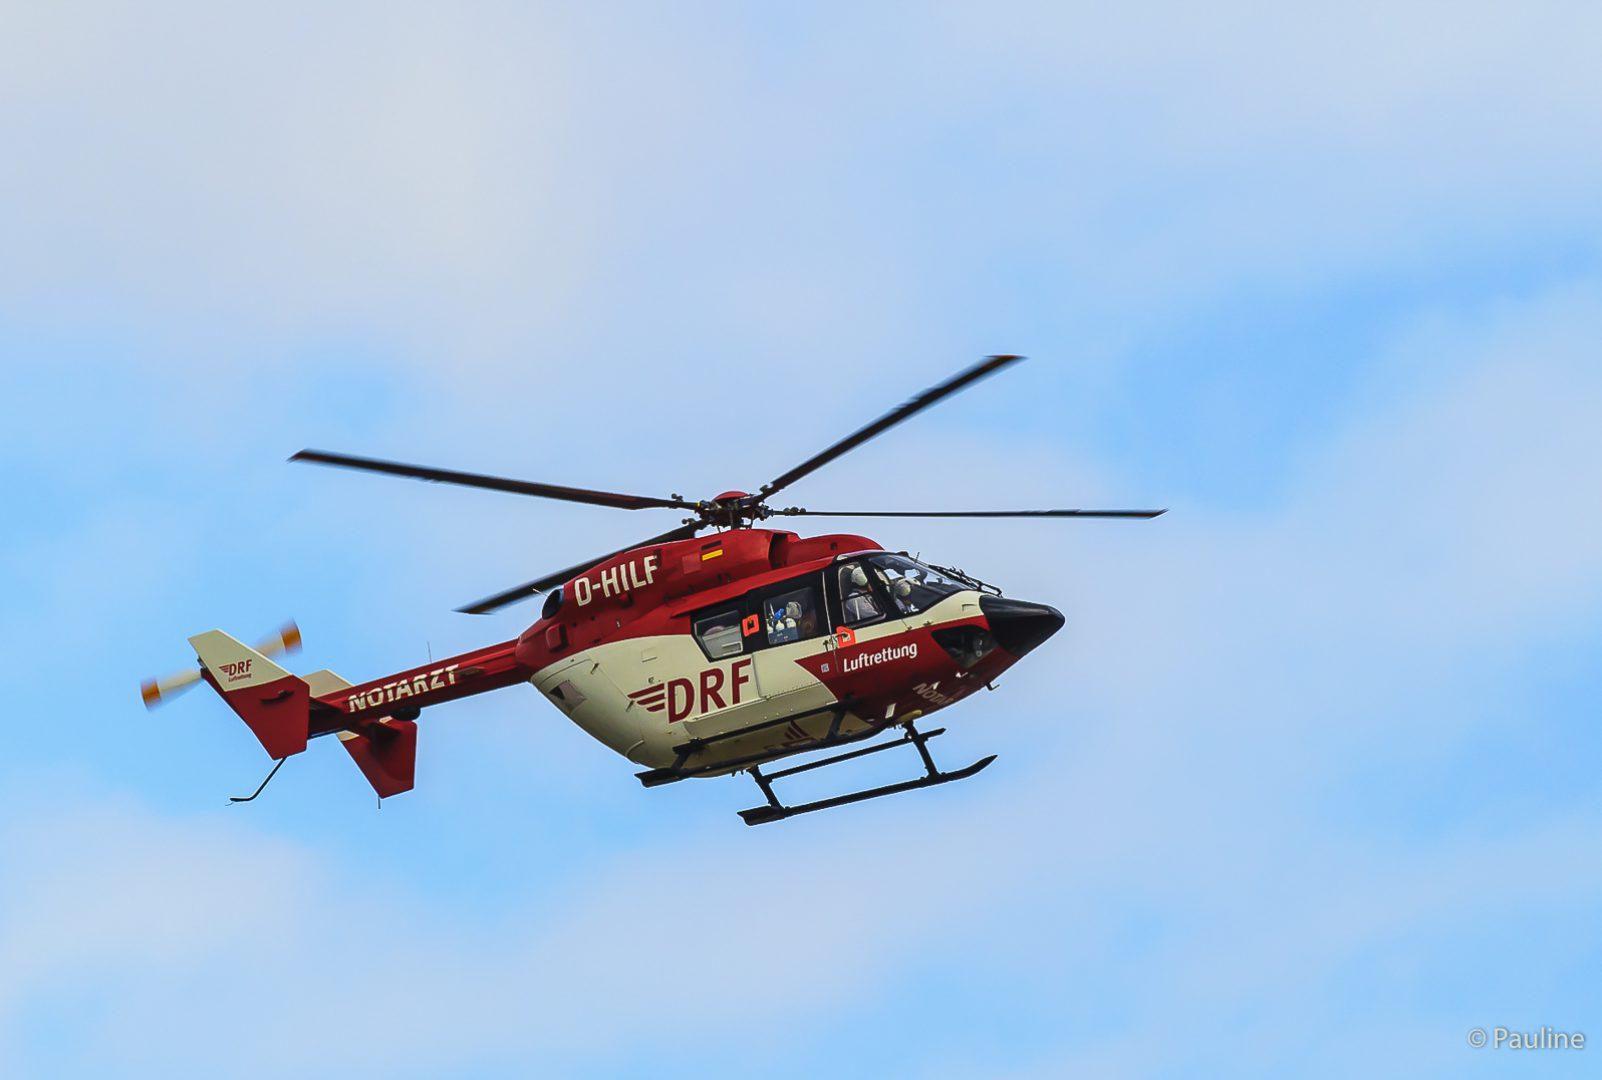 Foto: Pauline Schroth – fliegende Hilfe